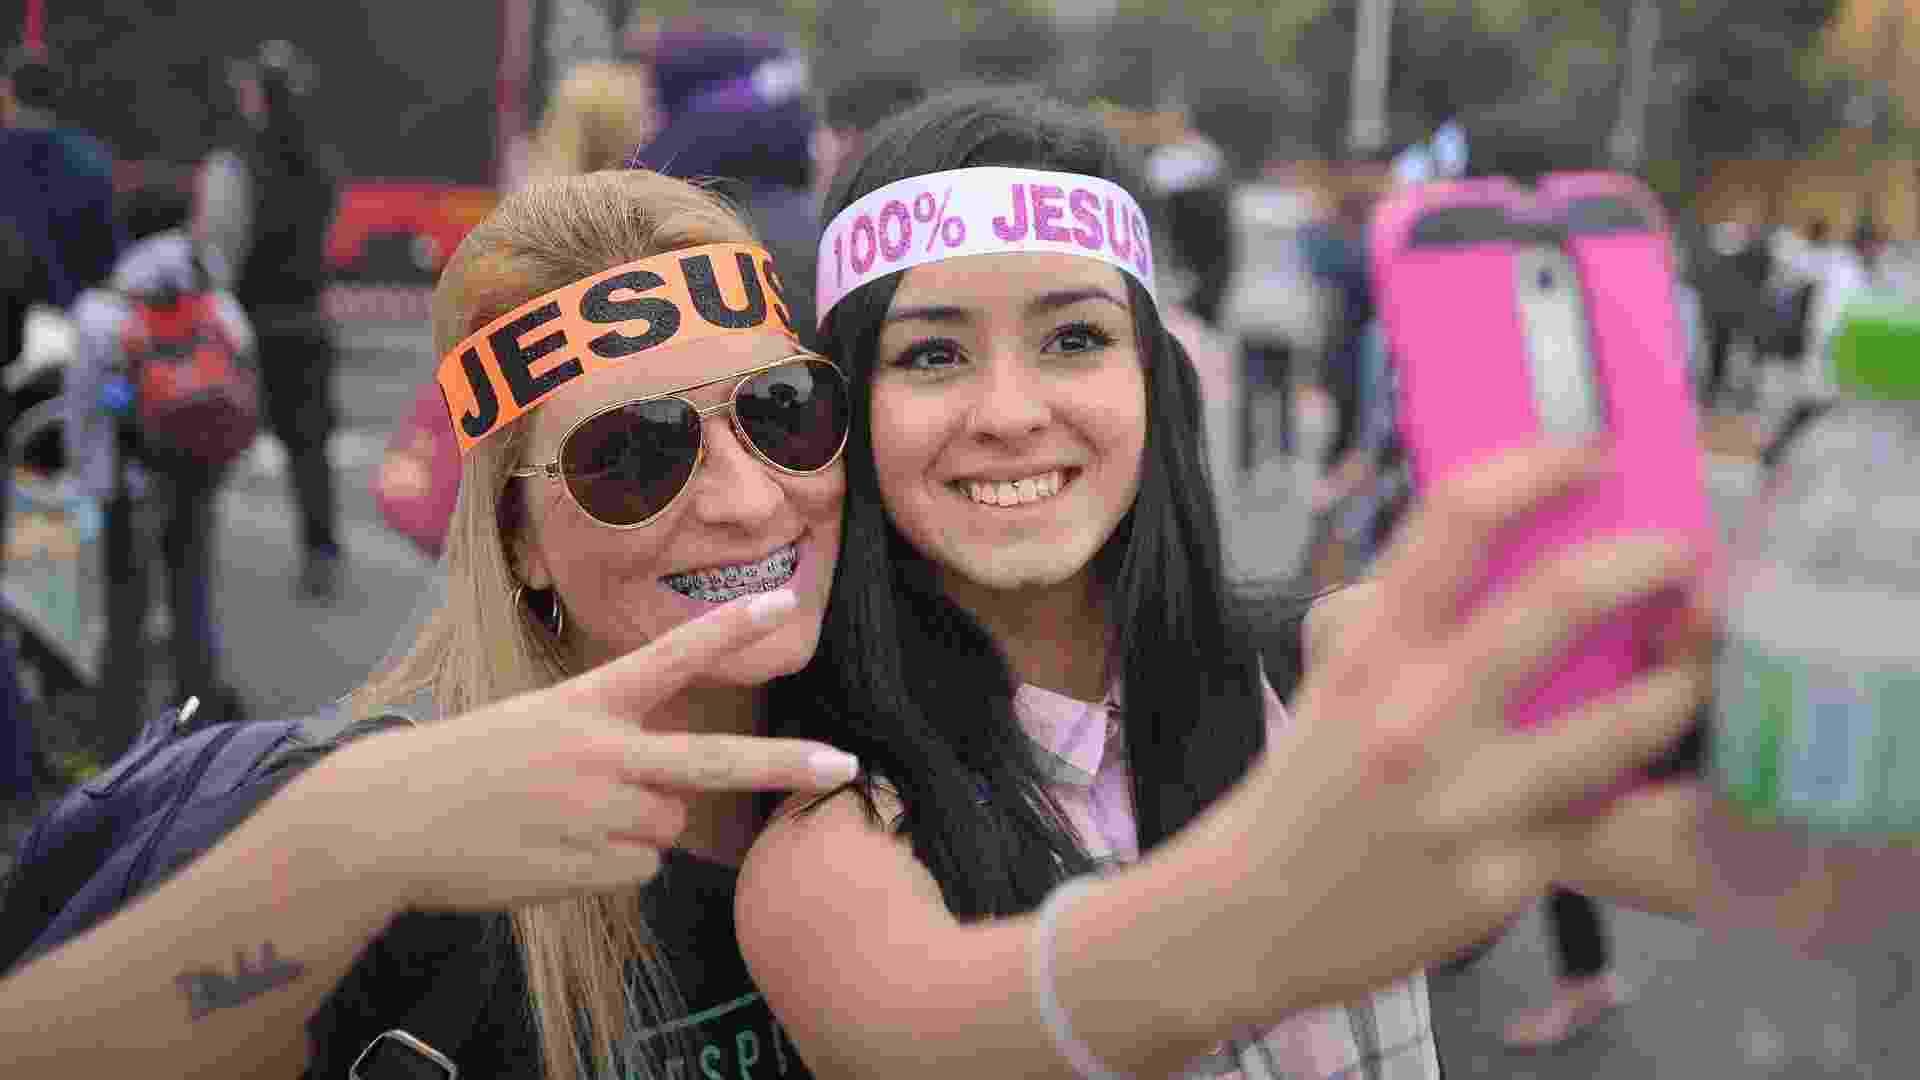 26.mai.2016 - Mulheres tiram selfie na concentração da 24ª edição da Marcha para Jesus, que percorrerá ruas do centro e da zona norte de São Paulo (SP). O evento pretende reunir mais de 500 denominações evangélicas - Reinaldo Canato / UOL